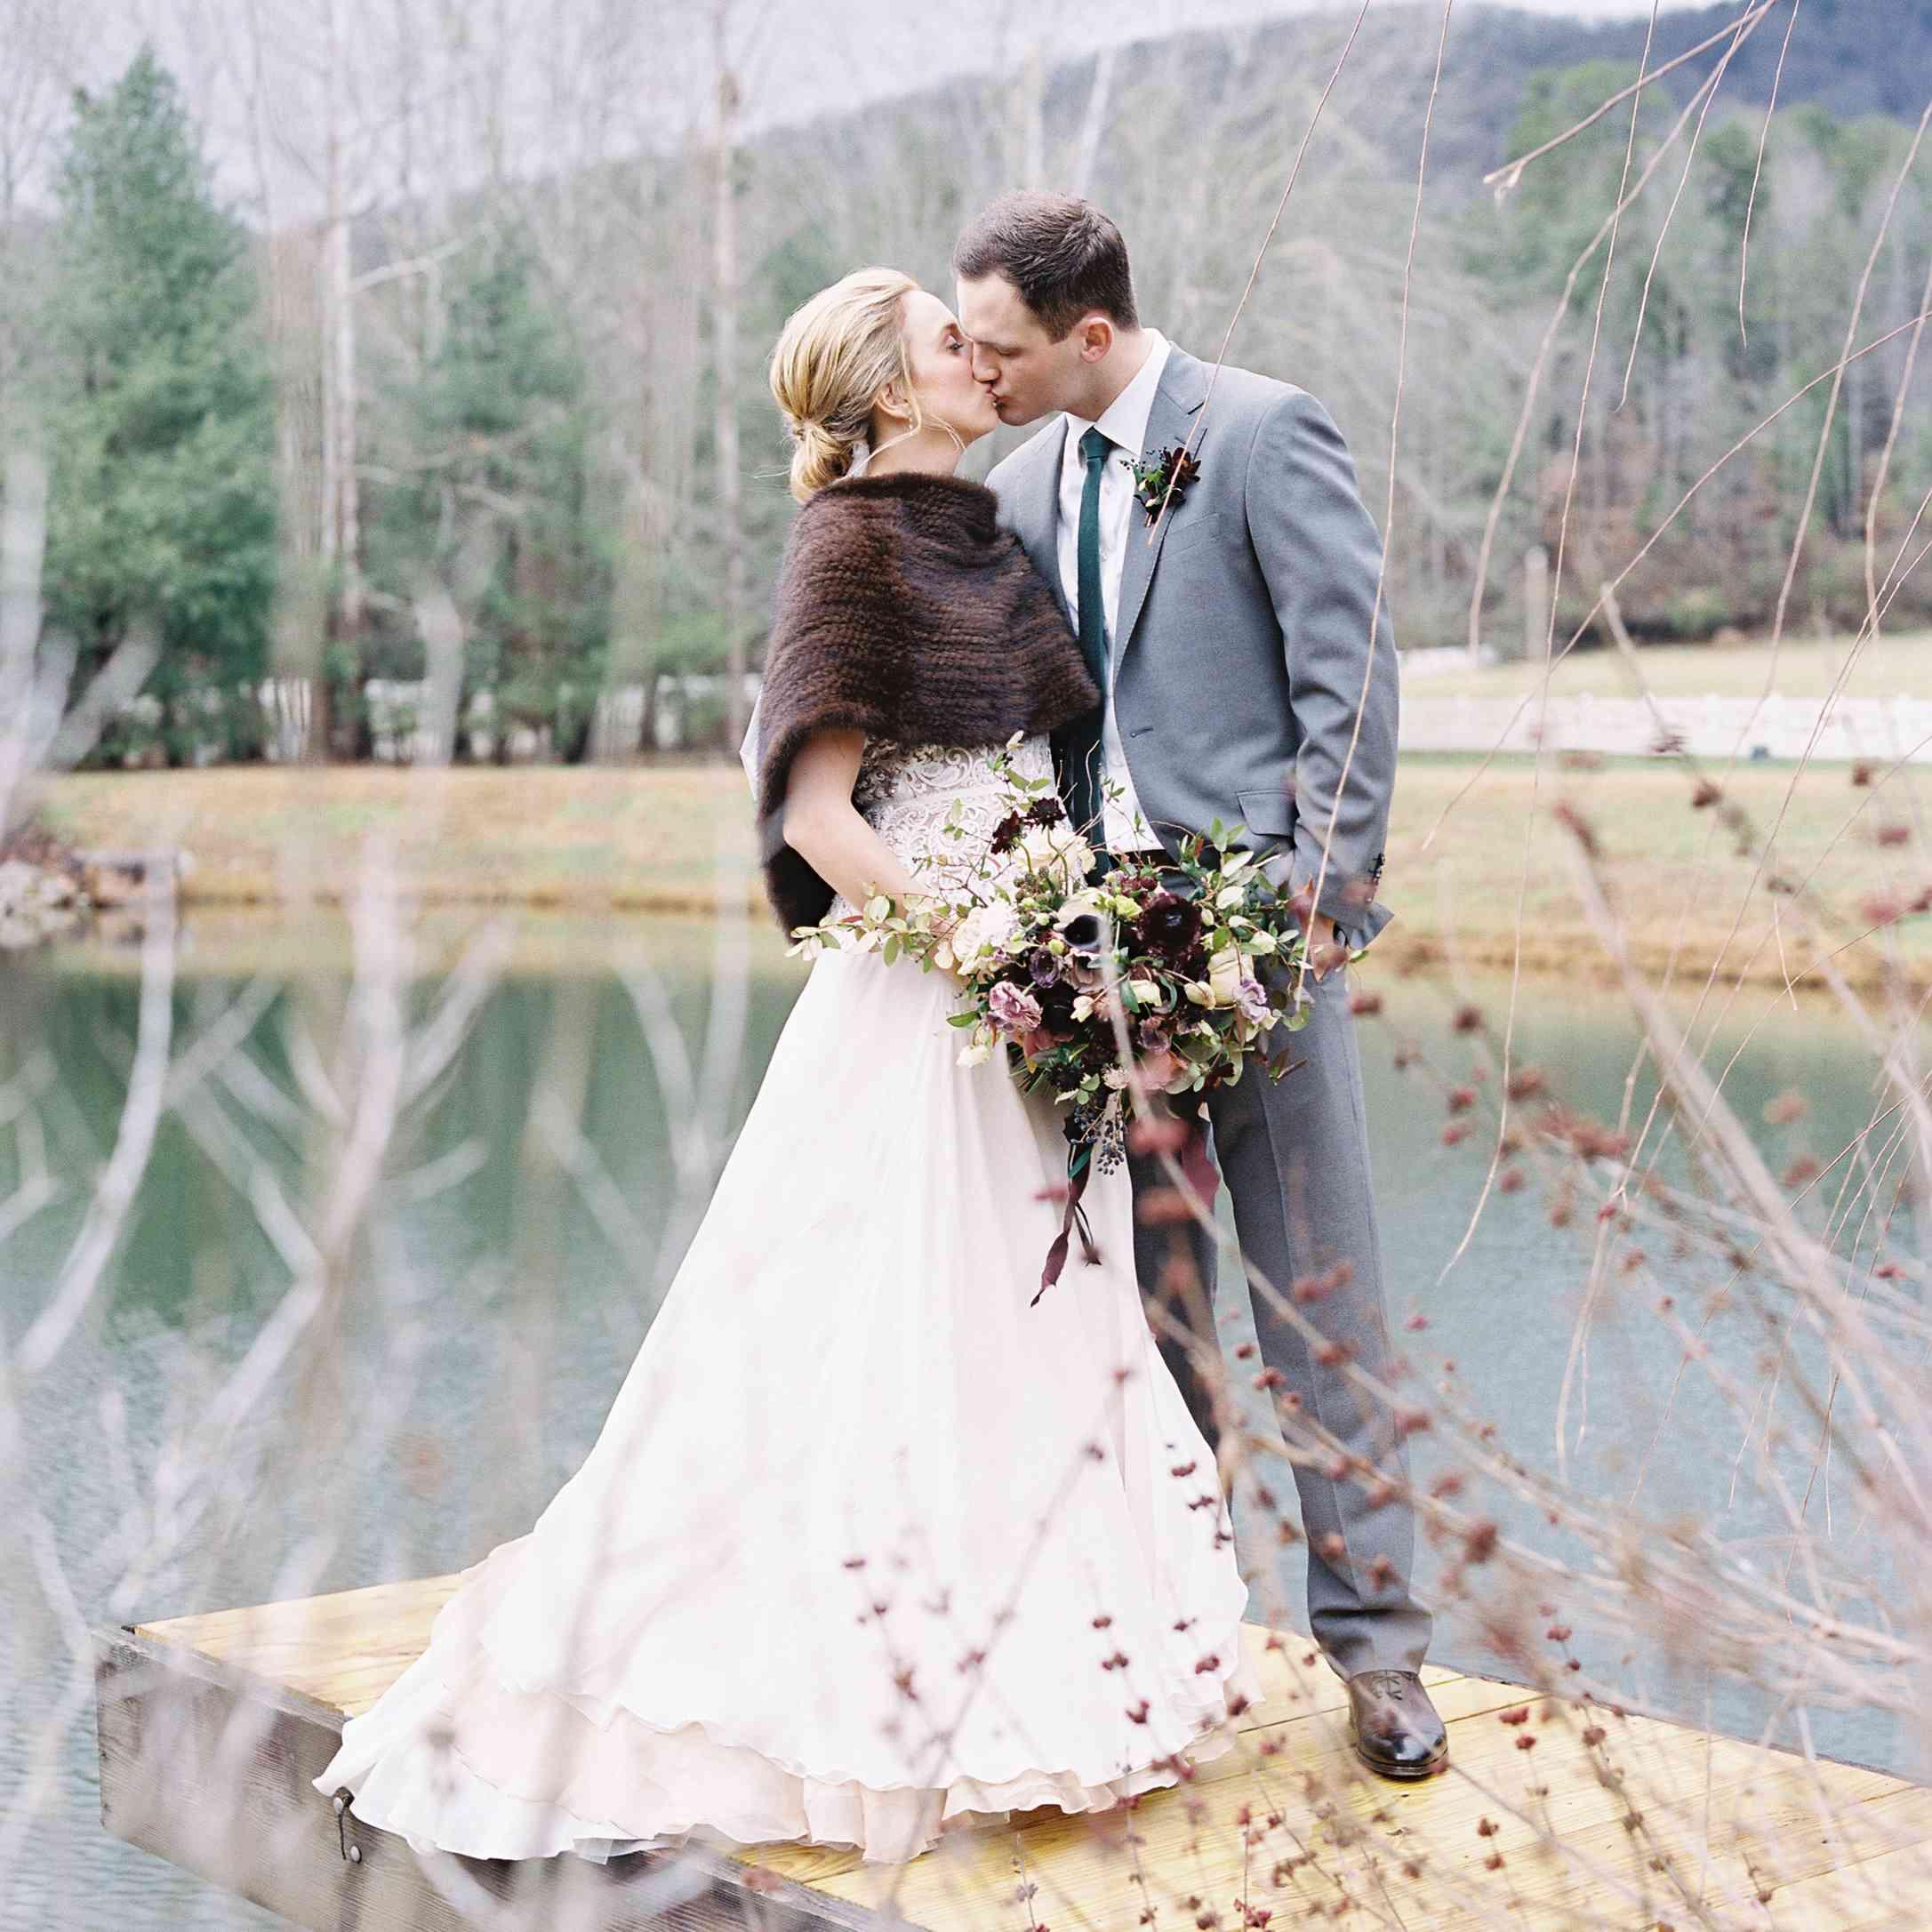 fur caplet bride and groom kissing